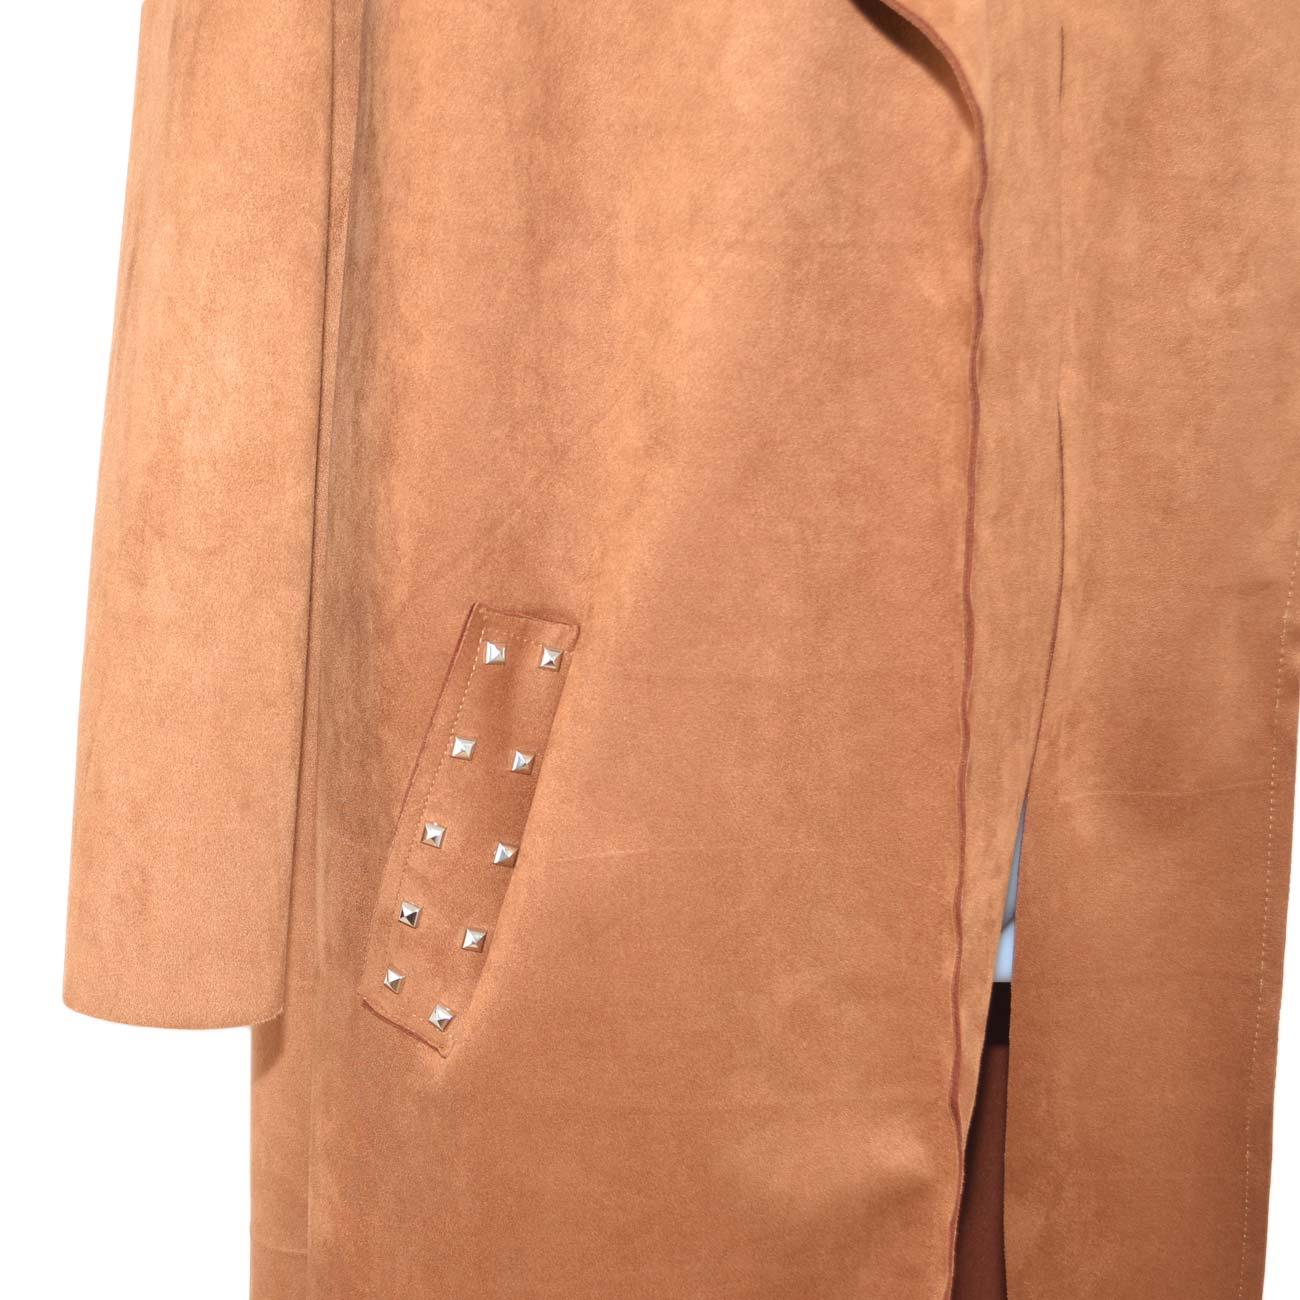 Cappotto giacca donna cuoio in tessuto scamosciato a due tasche con borchie taglio lento moda elegante donna giacche Malu Shoes   MaluShoes